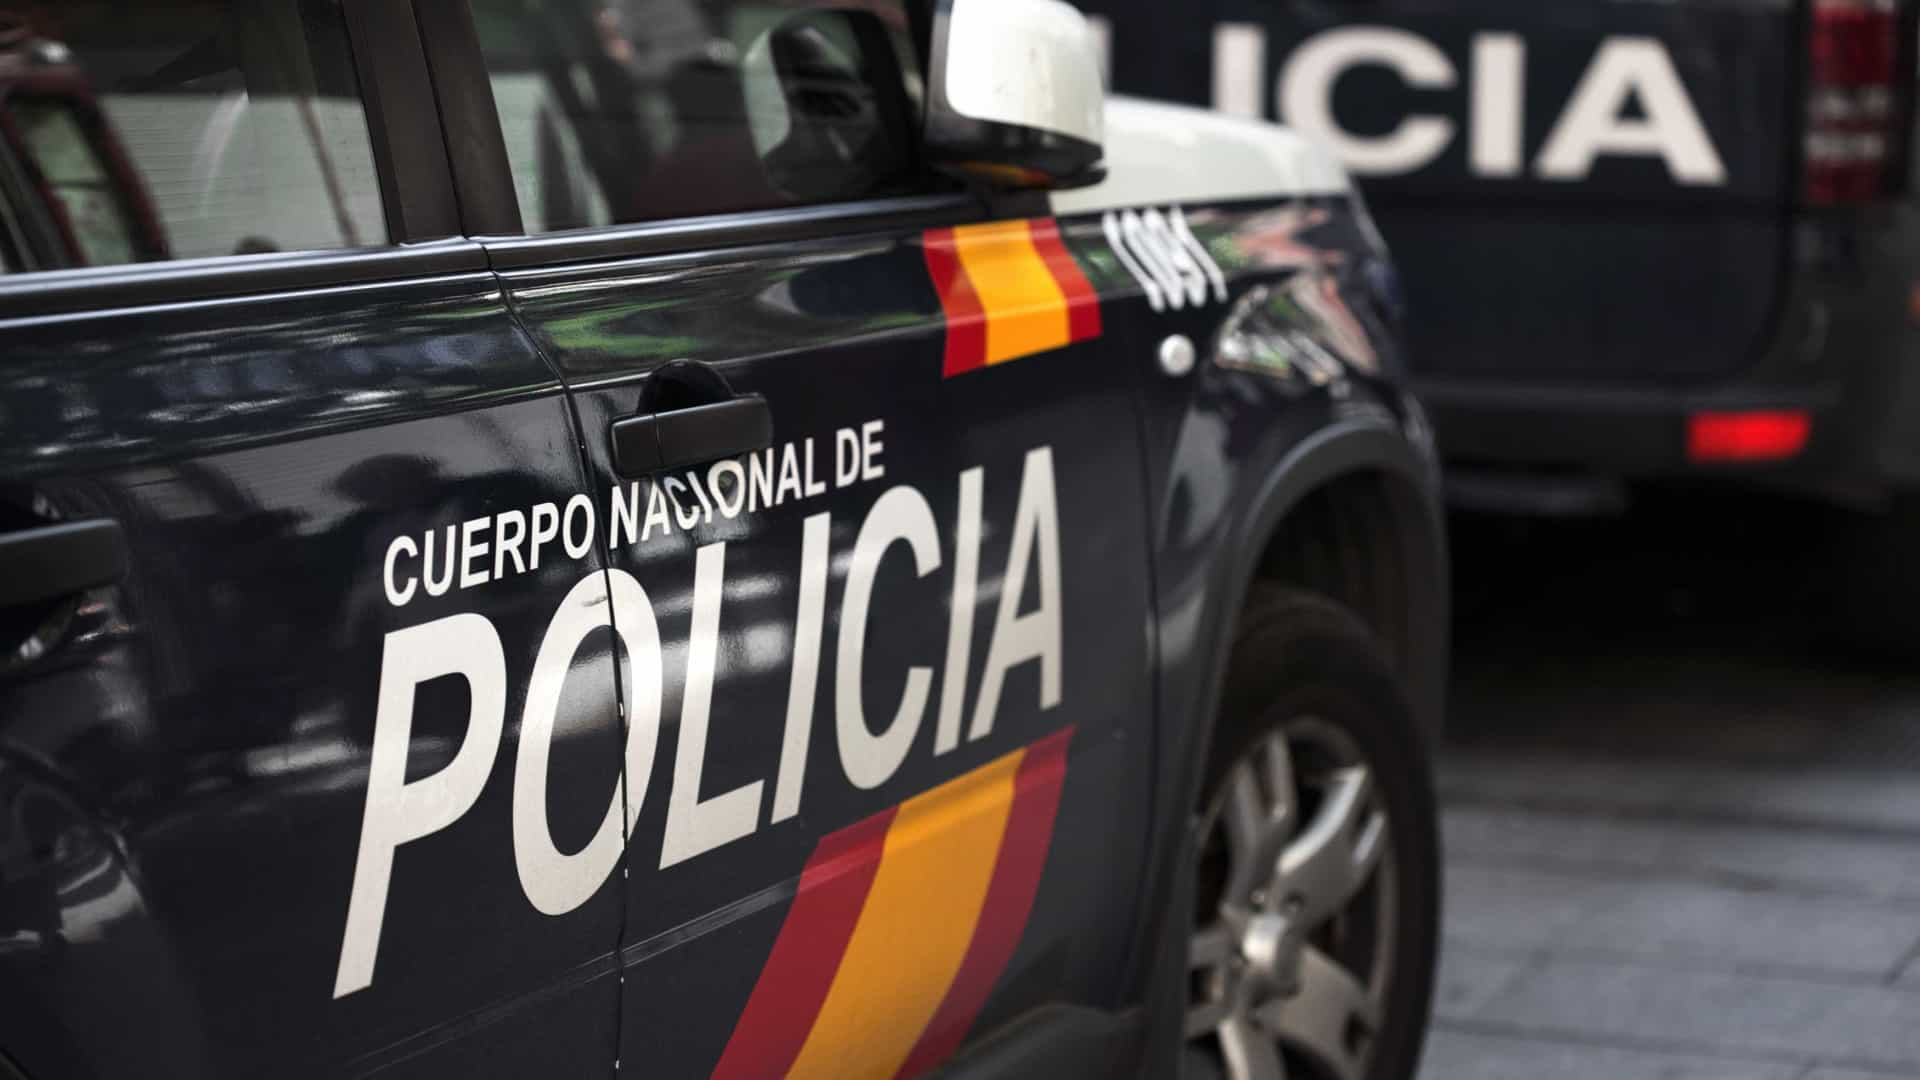 Polícia prende cinco supostos jihadistas em Madrid e Barcelona